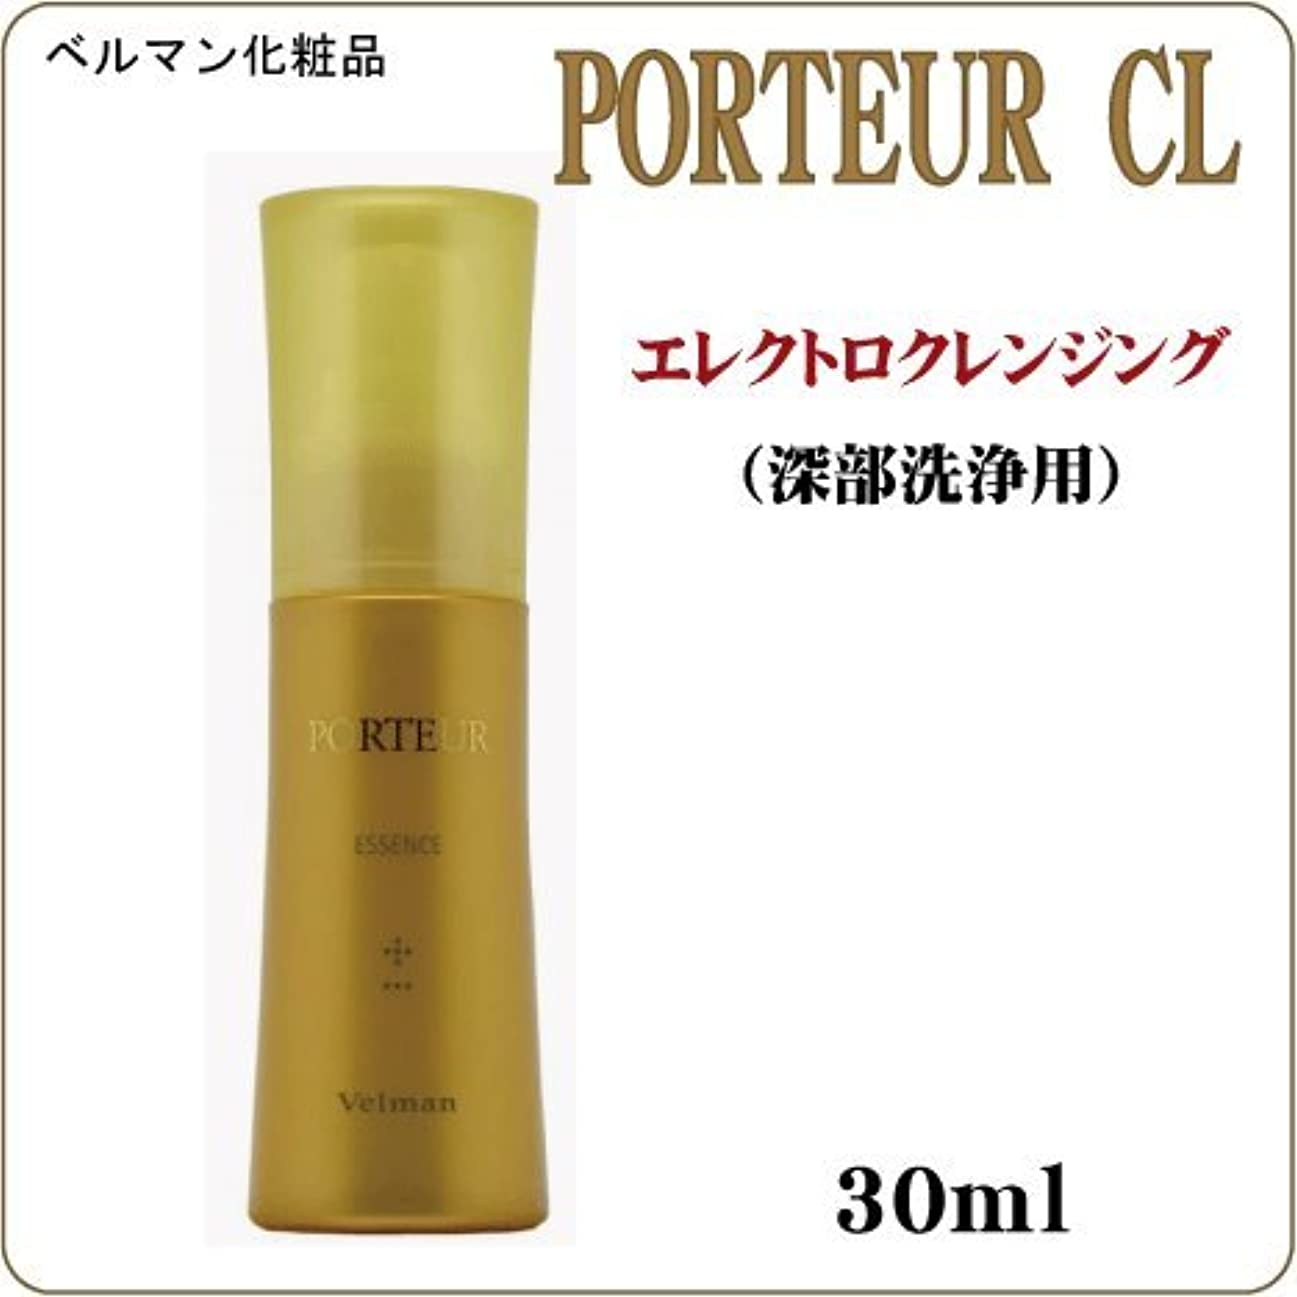 持つメンダシティわな【ベルマン】  PORTEUR   ポルトゥール CL  30ml 【エレクトロクレンジング】